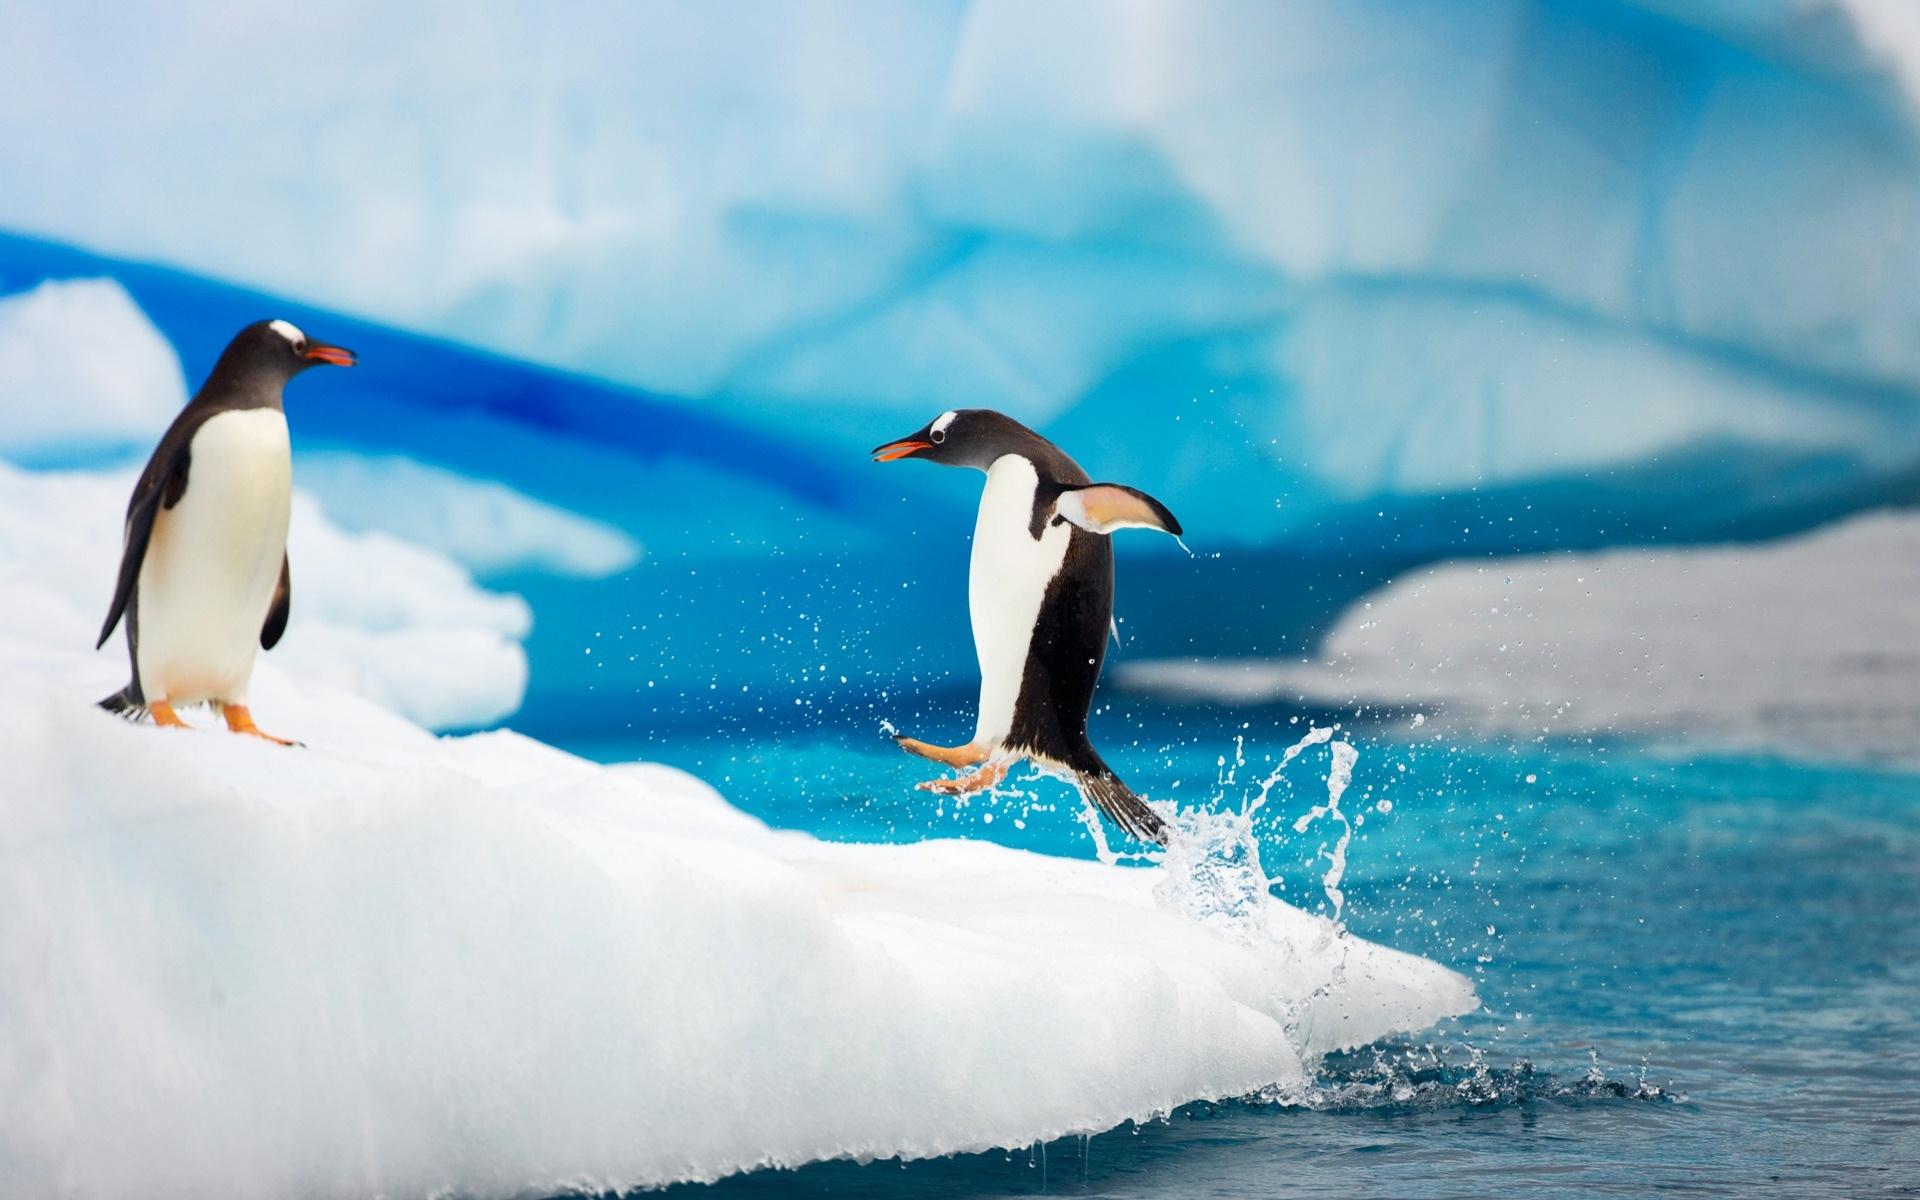 Chú chim cánh cụt nhảy từ mặt nước lên bờ